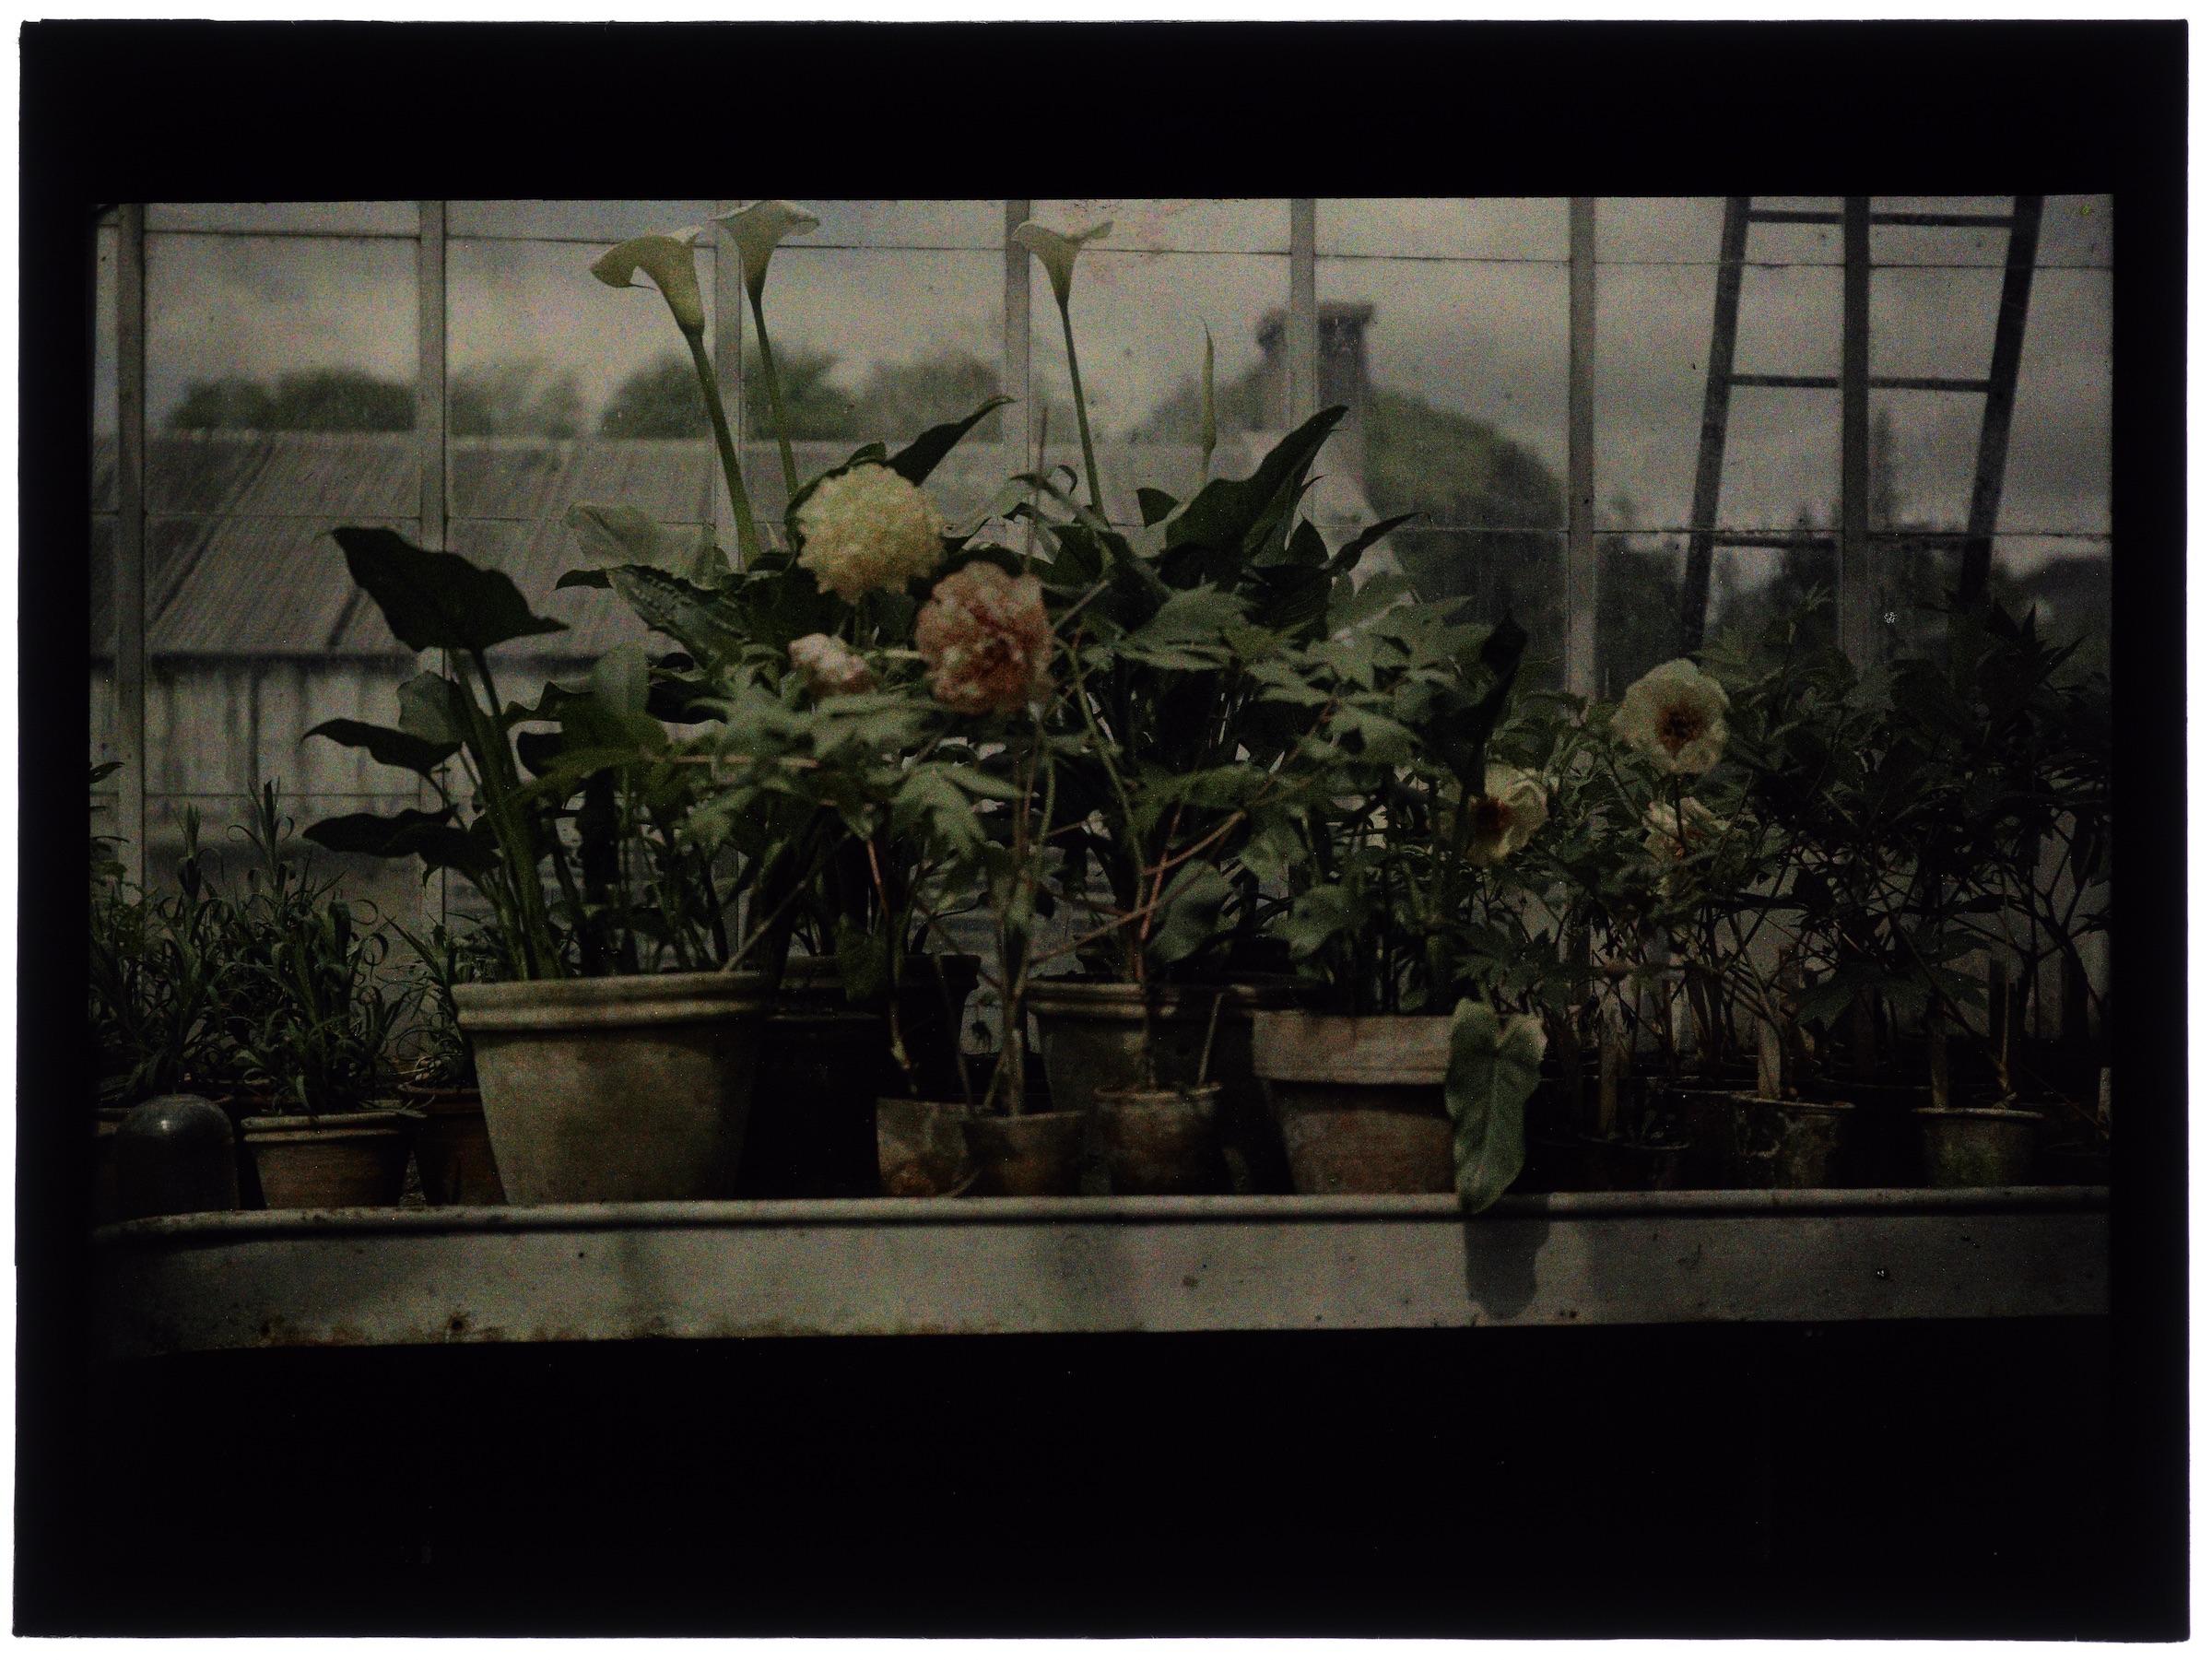 Fleurs dans la serre arrondie (serre à toit pointu à travers le vitrage)